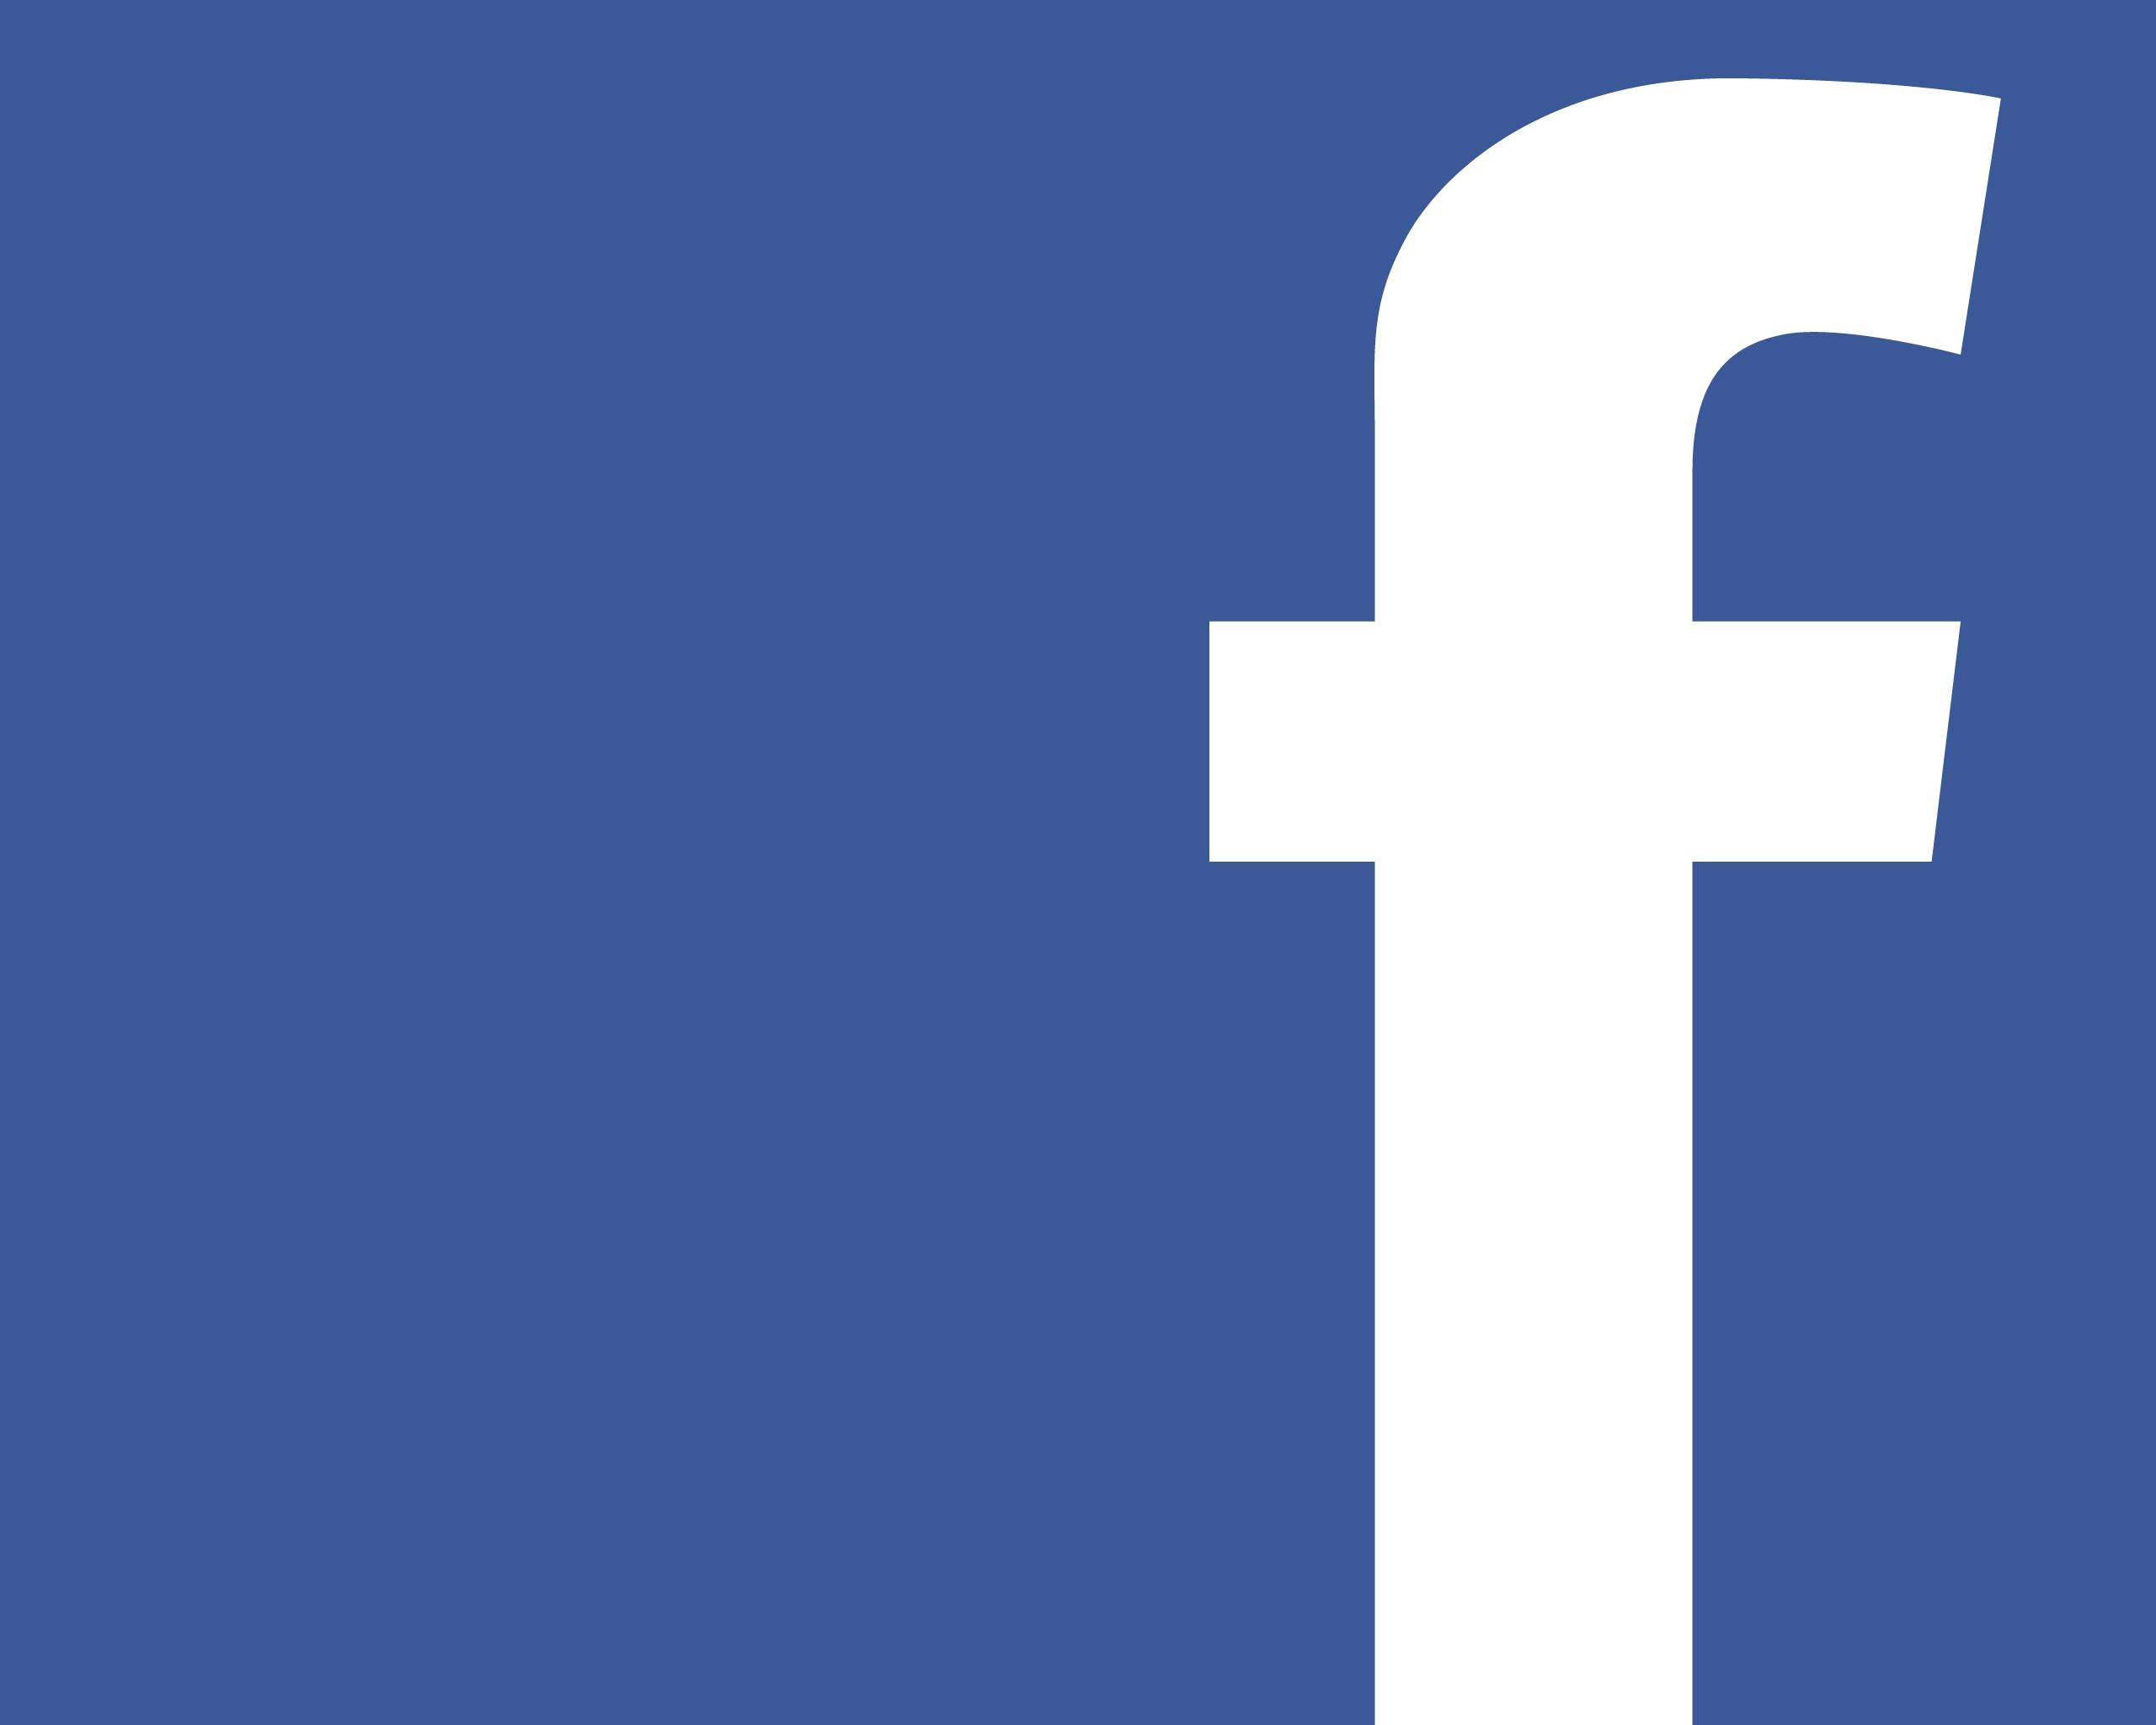 Facebook logo - 2560x2048